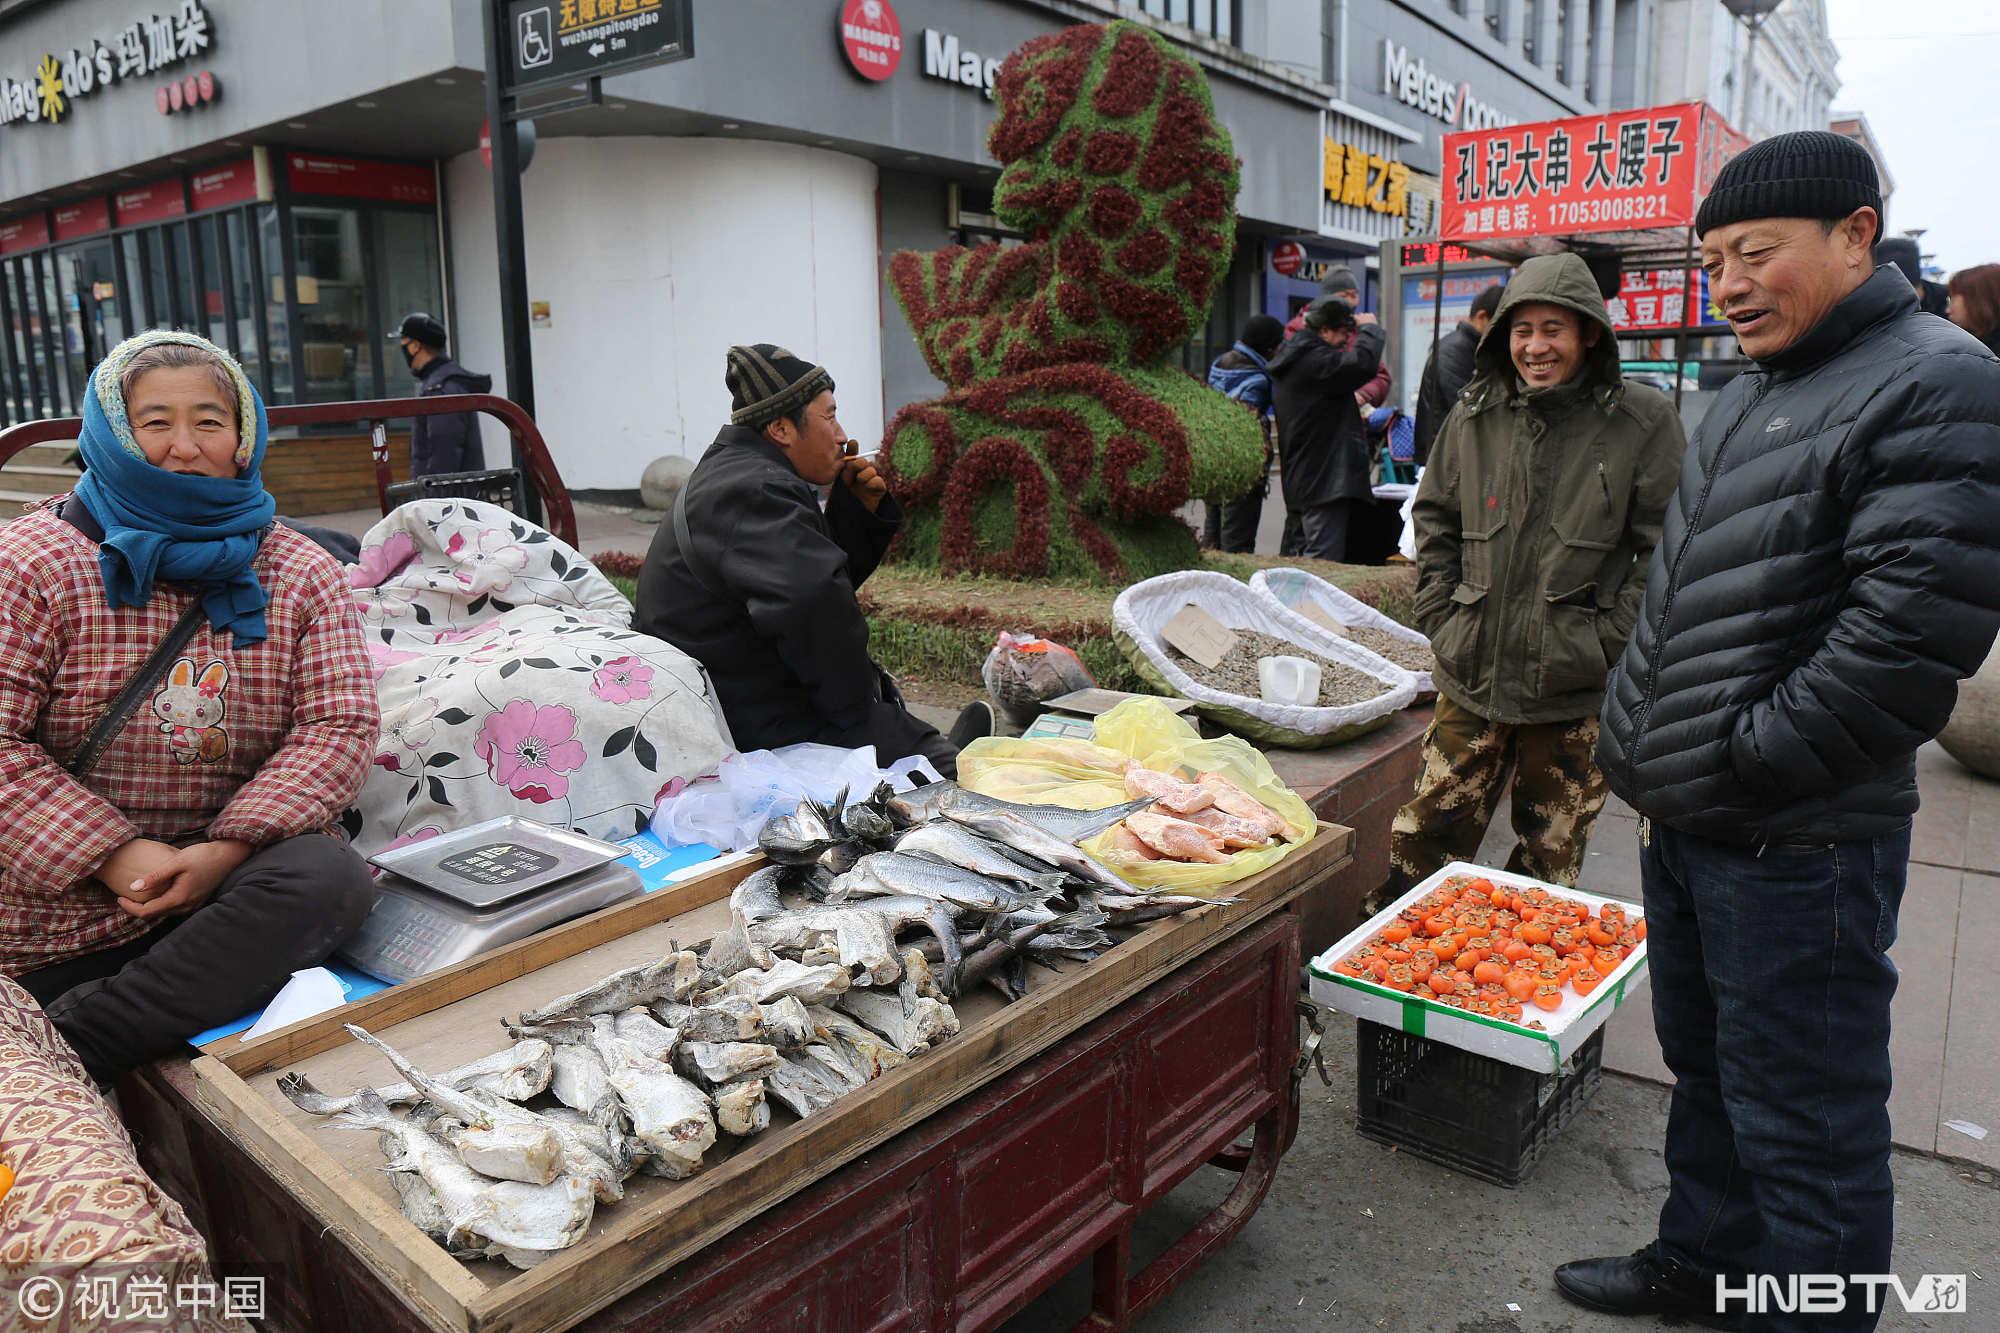 黑河:东北小城-30℃冻货俏销 物美价廉人气高(组图)